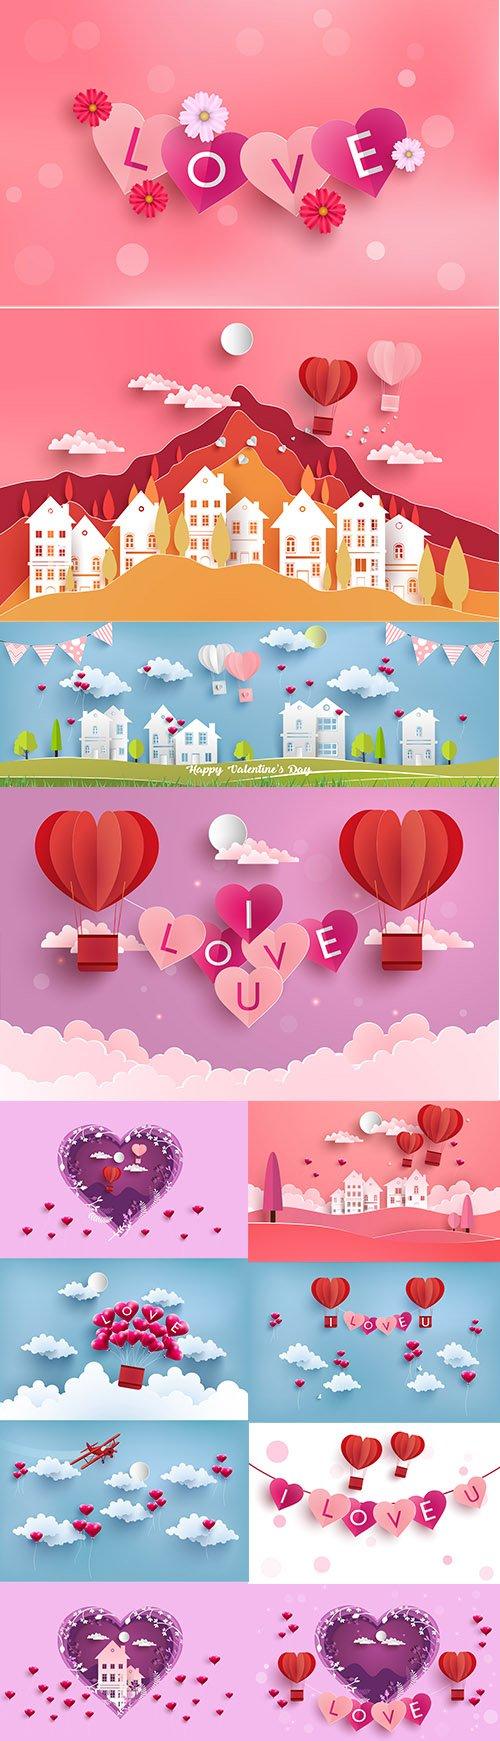 Happy Valentines Day Illustration Set